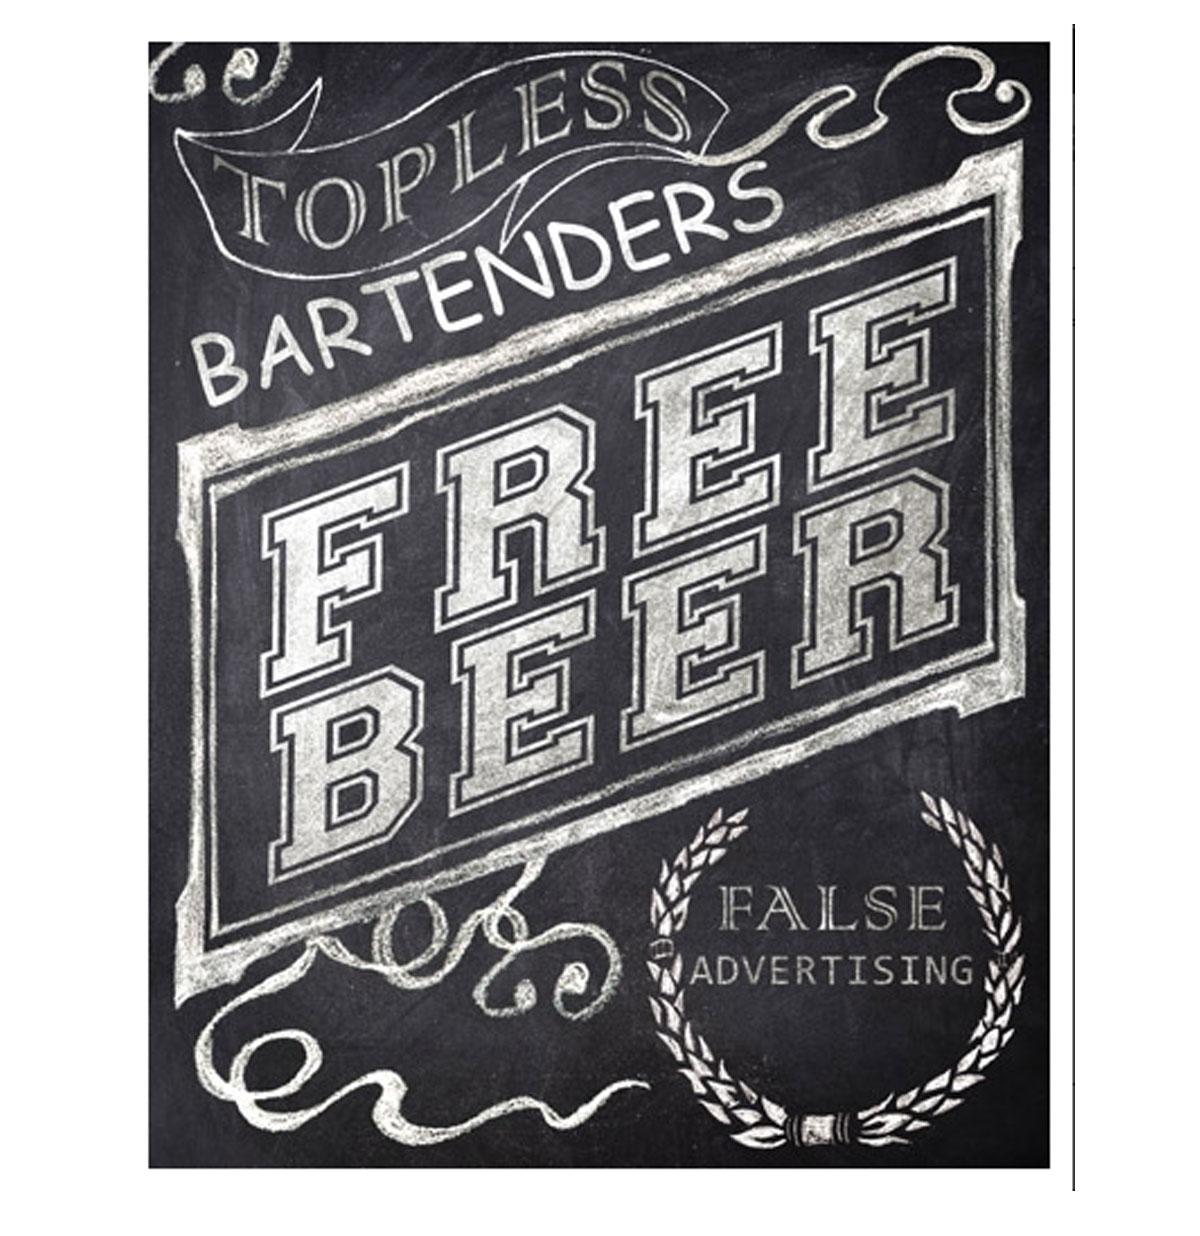 Topless Bartenders, Free Beer, False Advertising Metal Sign